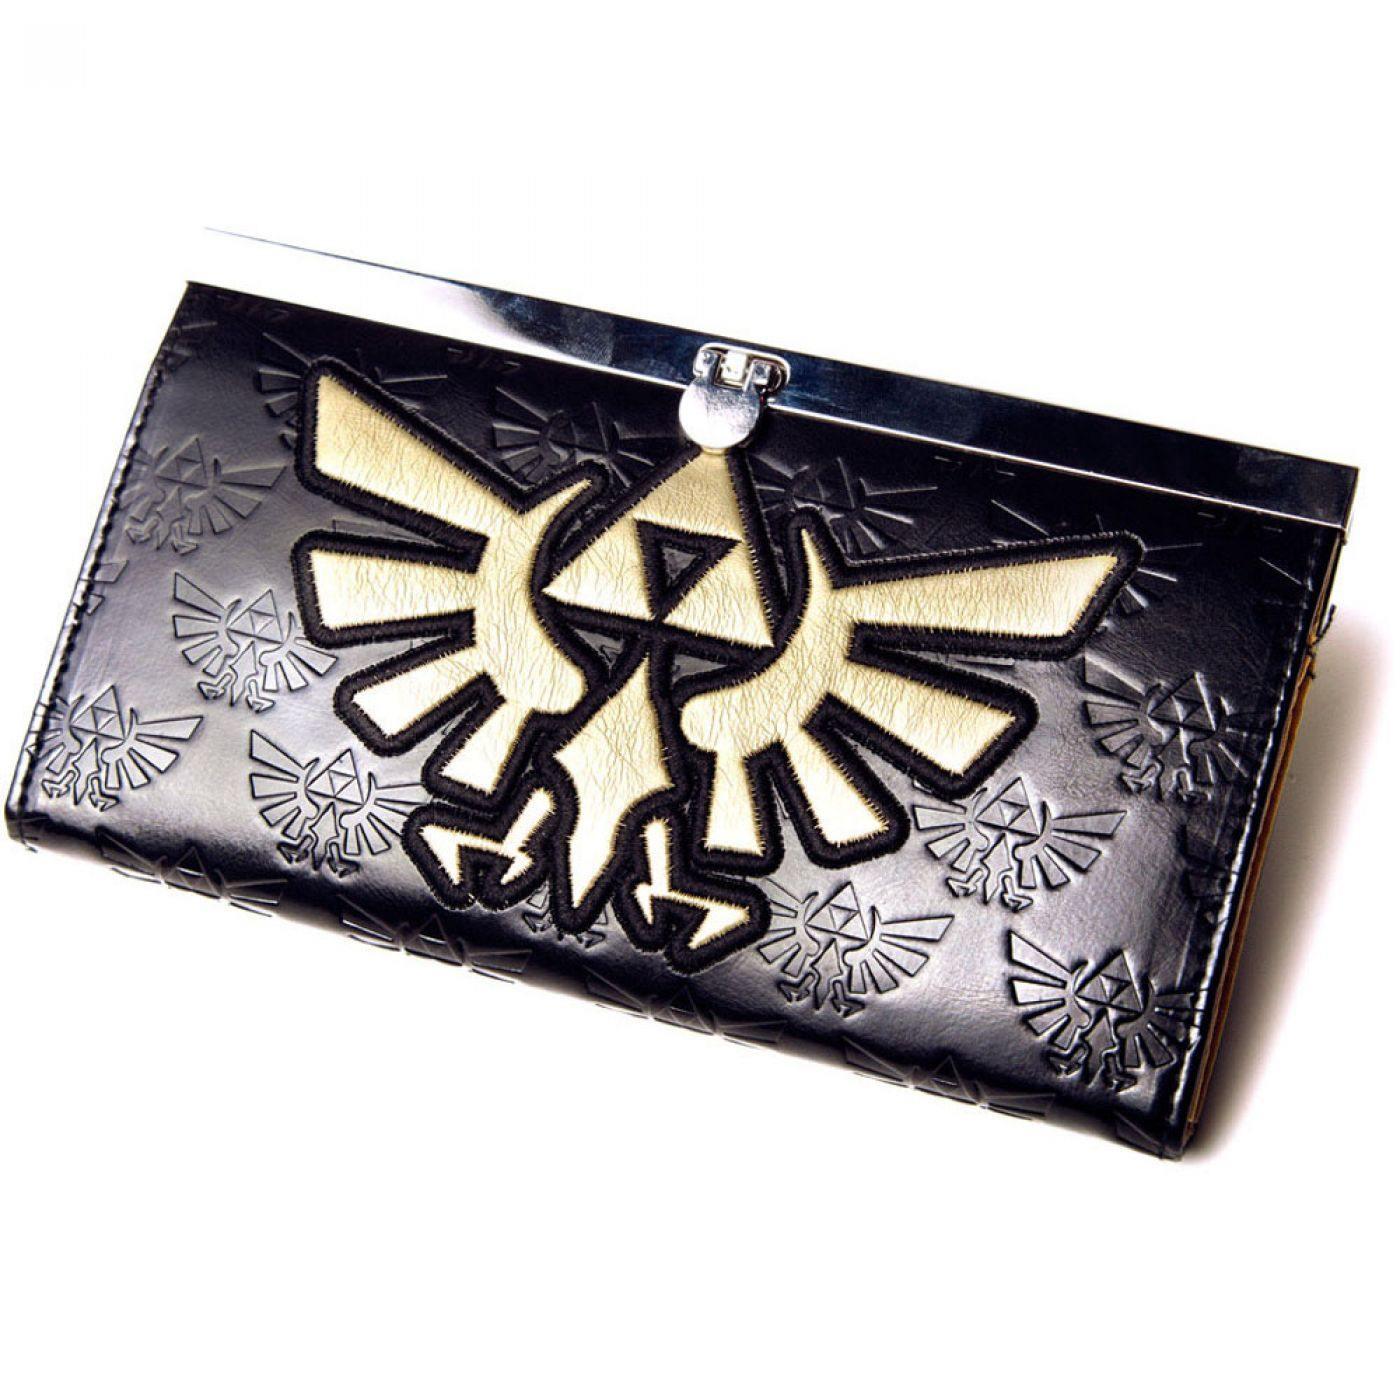 Nintendo Legend Of Zelda Hyrulian Crest girls' wallet